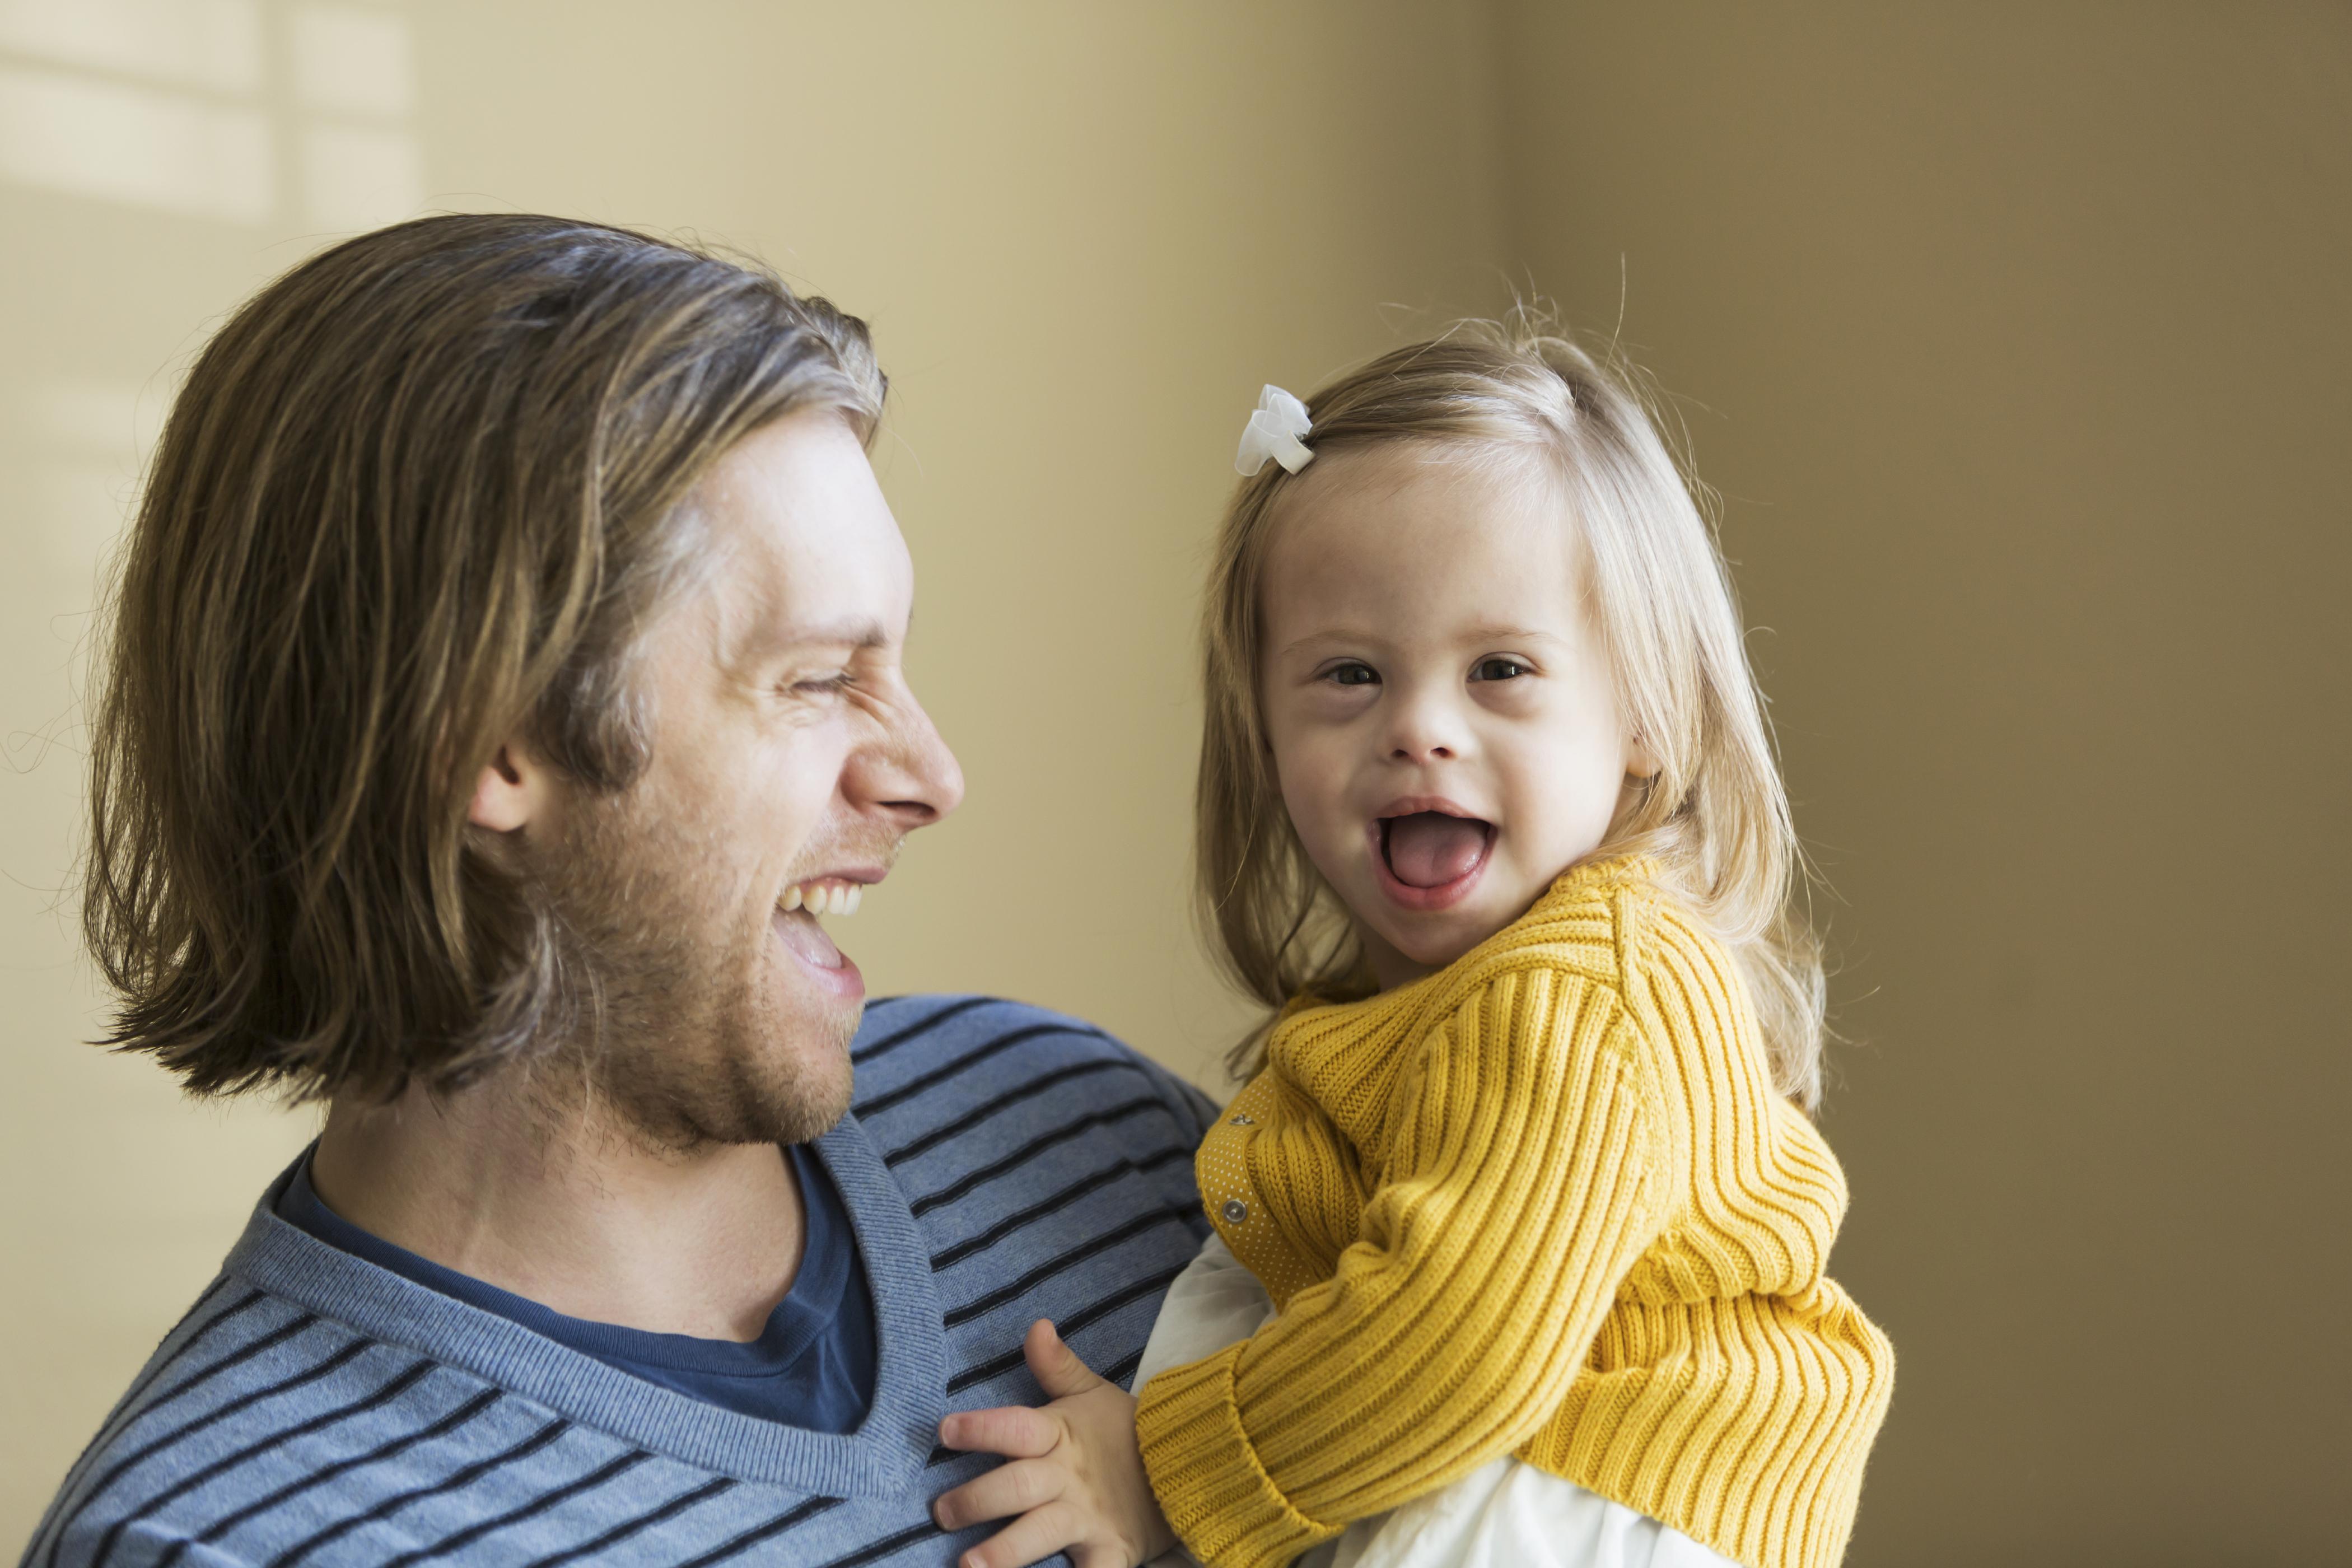 Padre sonriendo con su hija con síndrome de Down en sus brazos